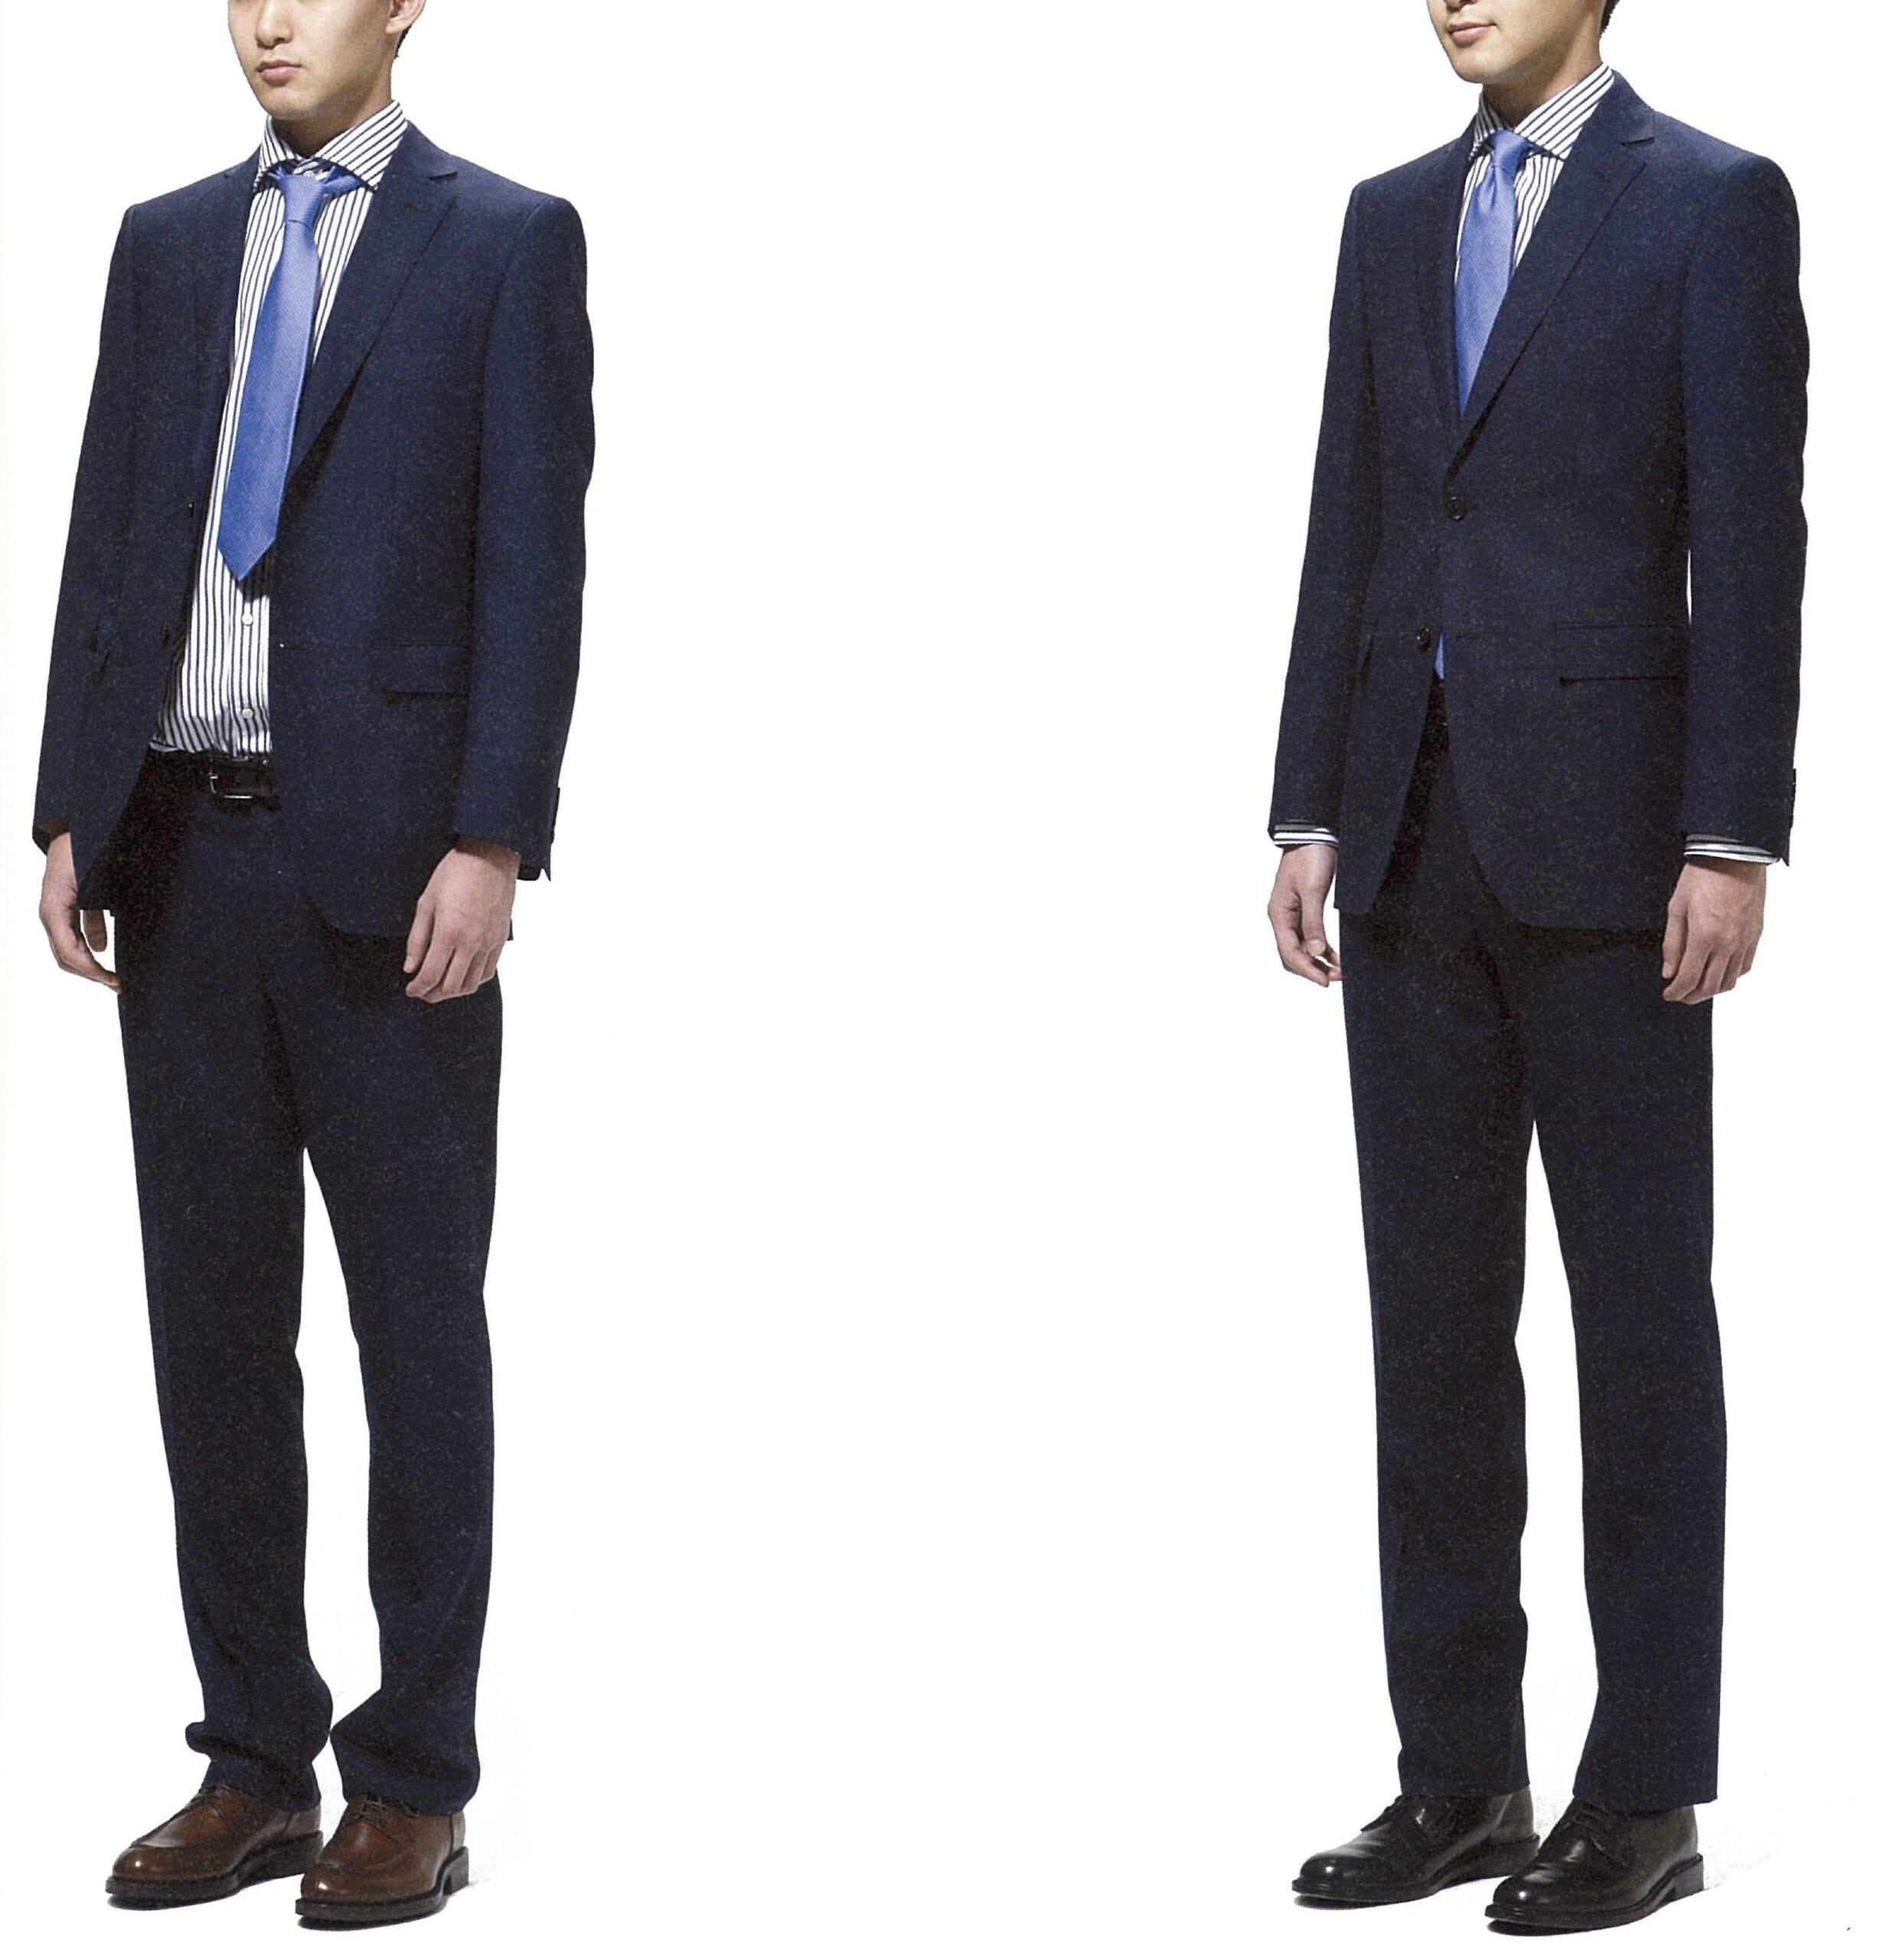 知らないと恥ずかしい!スーツの最低限ルール7選【はじめてのスーツ選び(3)】